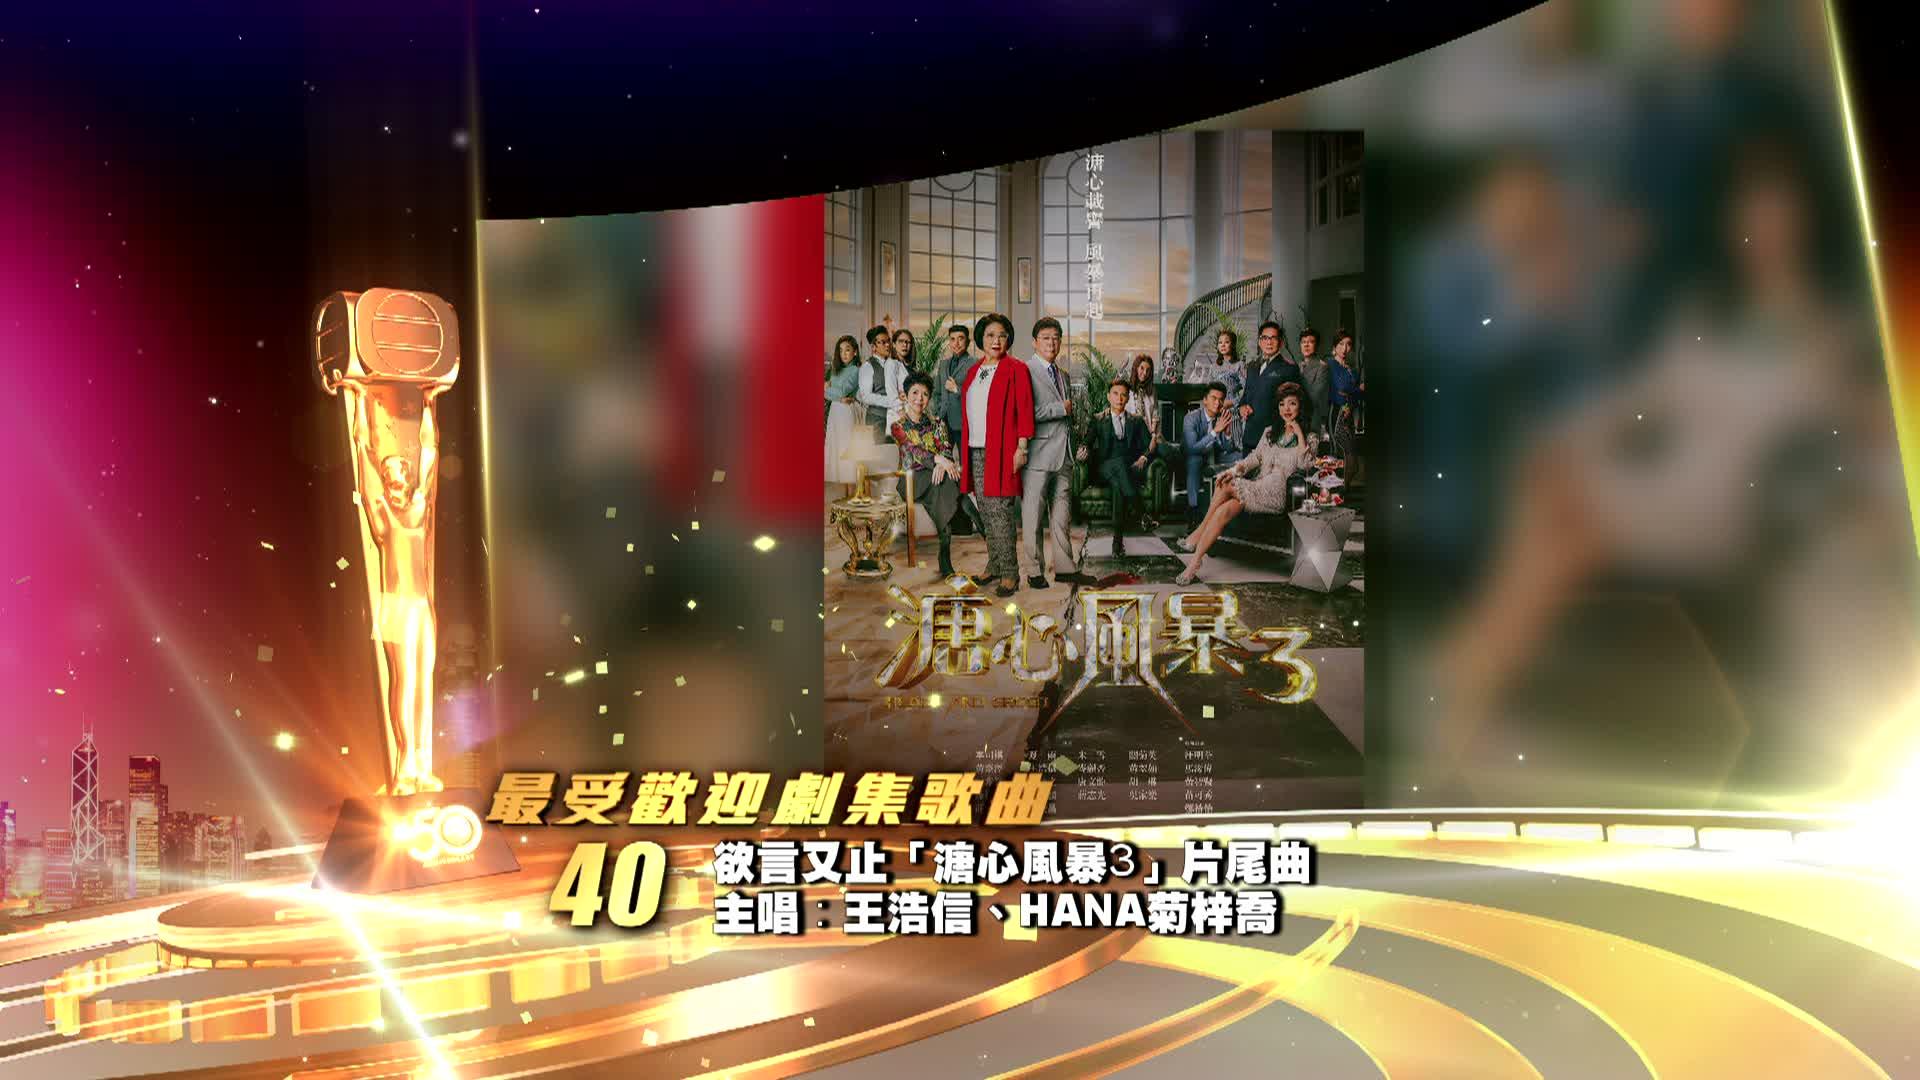 40. 王浩信、HANA菊梓喬-欲言又止 《溏心風暴3》片尾曲